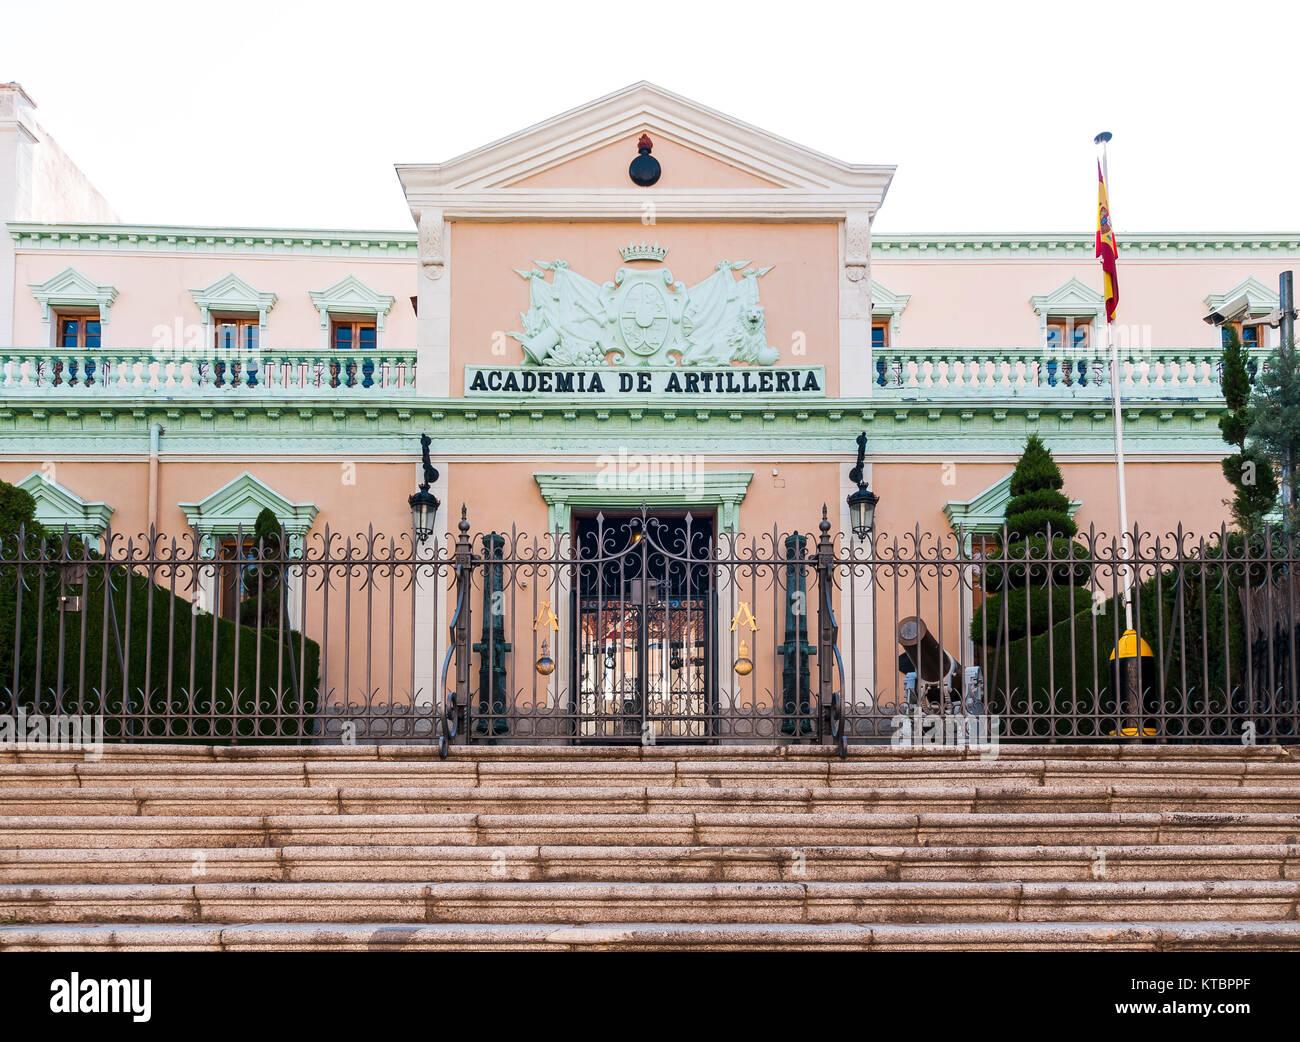 Academia de artillería. Segovia. Castilla León. España. Ciudad patrimonio de la humanidad. Unesco. - Stock Image